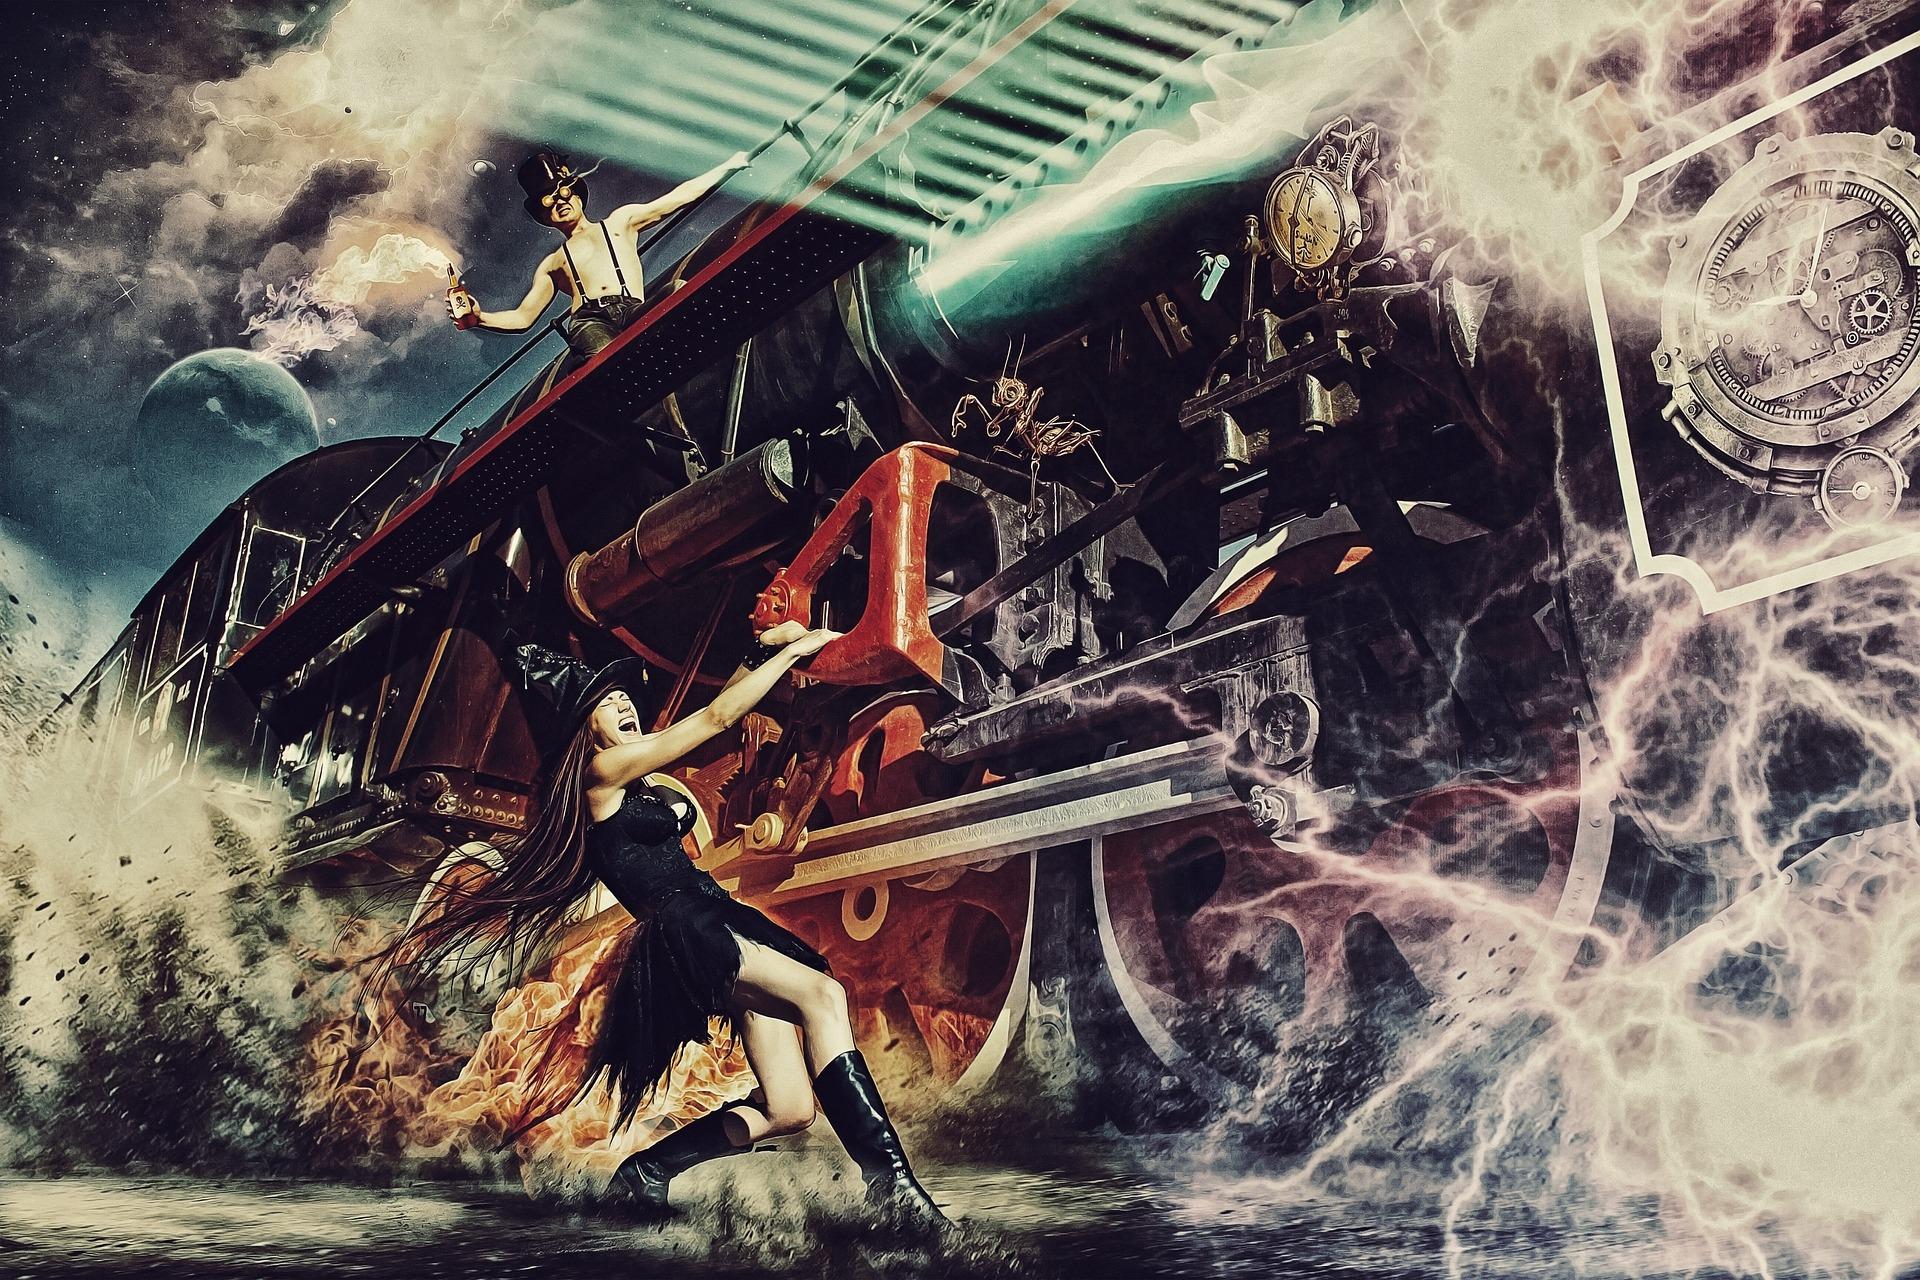 女巫, 火车, 消防, 时间机器, 超现实, 门户网站, 电力 - 高清壁纸 - 教授-falken.com